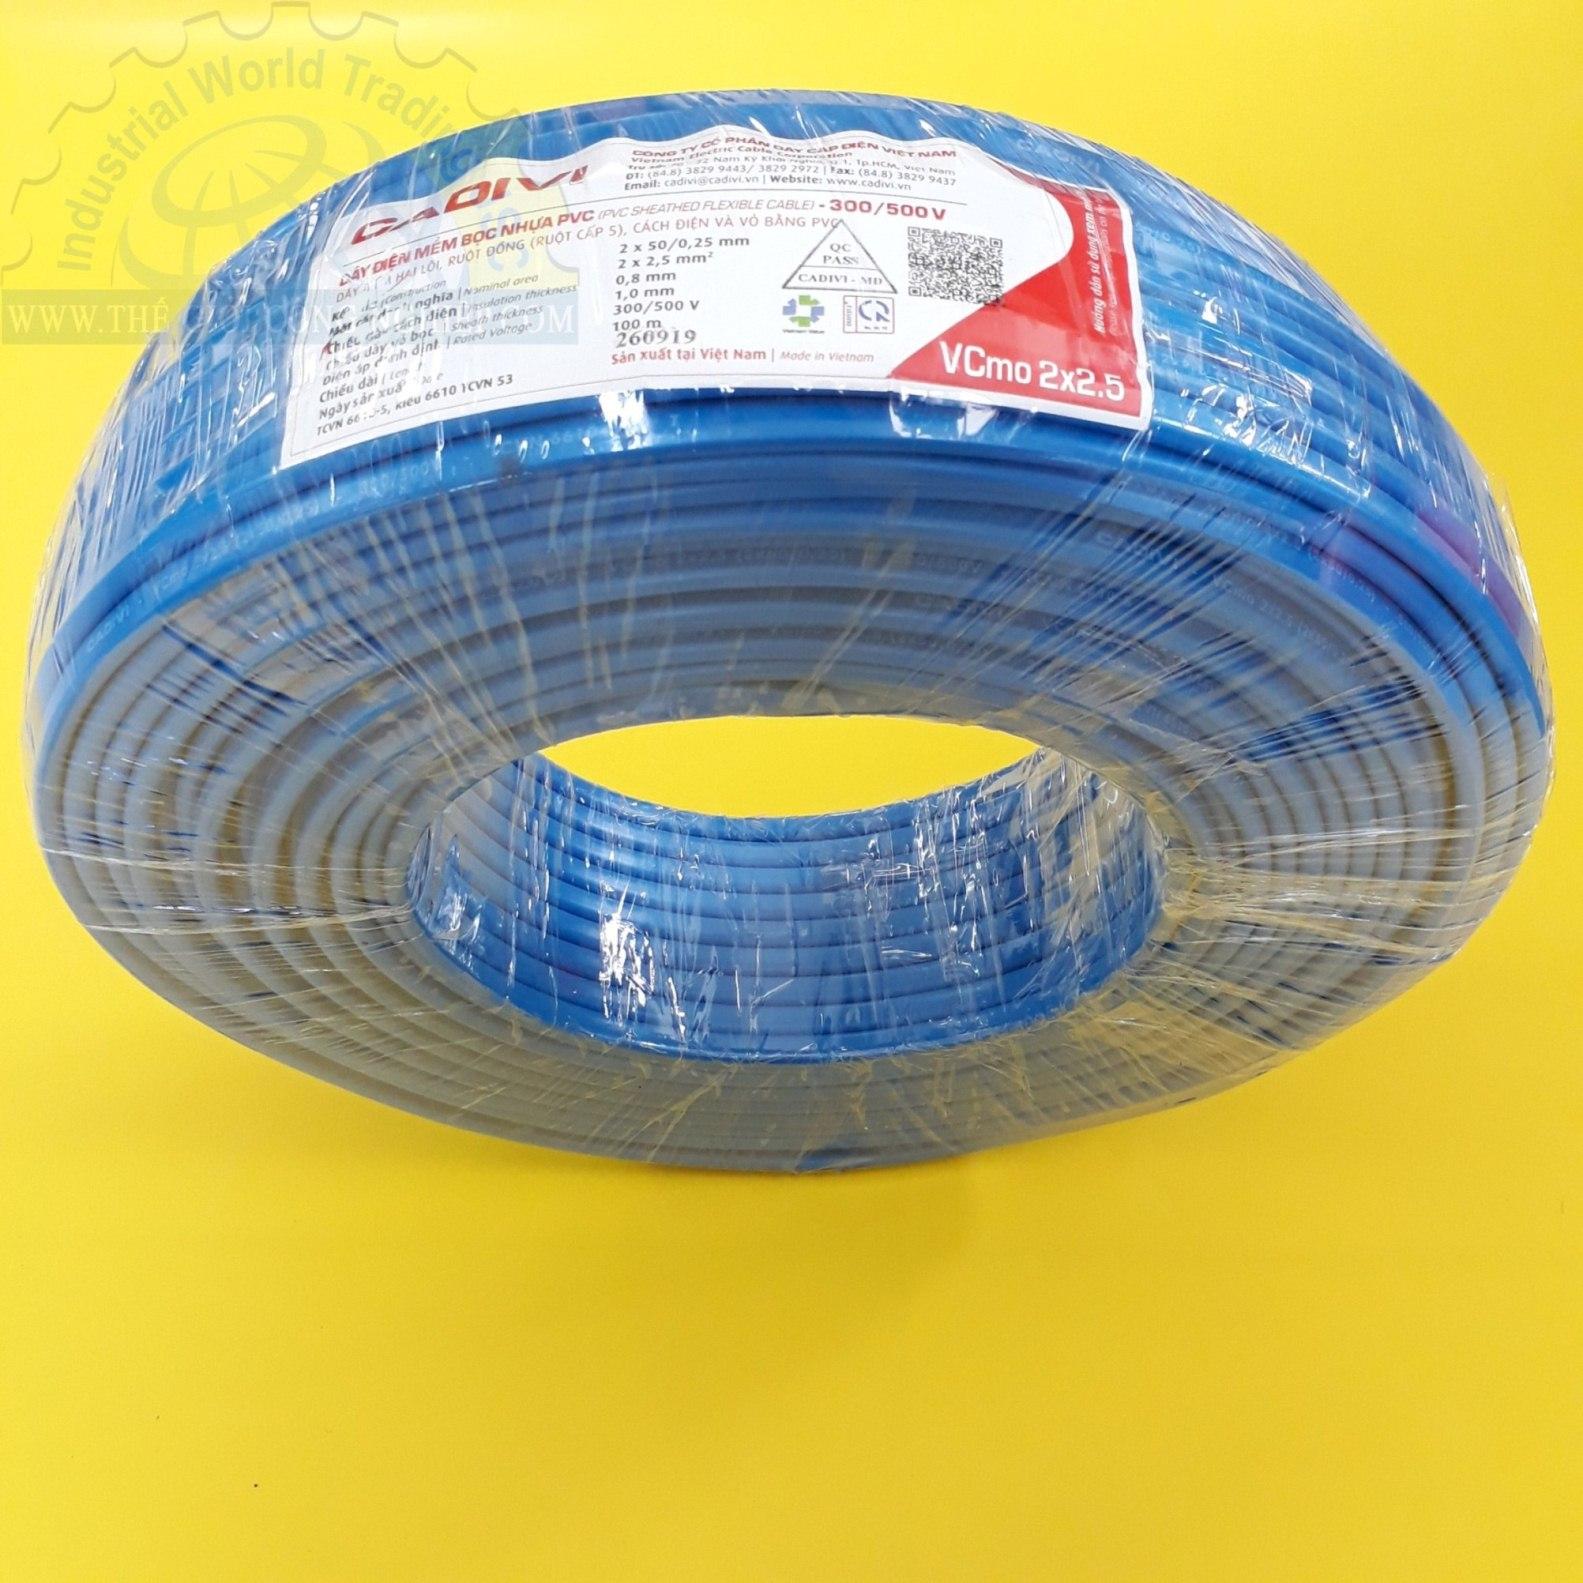 Dây đôi mềm ovan vcmo 2x2.5 (300/500v) màu xanh dương, ruột đồng cấp 5, cách điện và vỏ bằng pvc  TGCN-47292 Cadivi